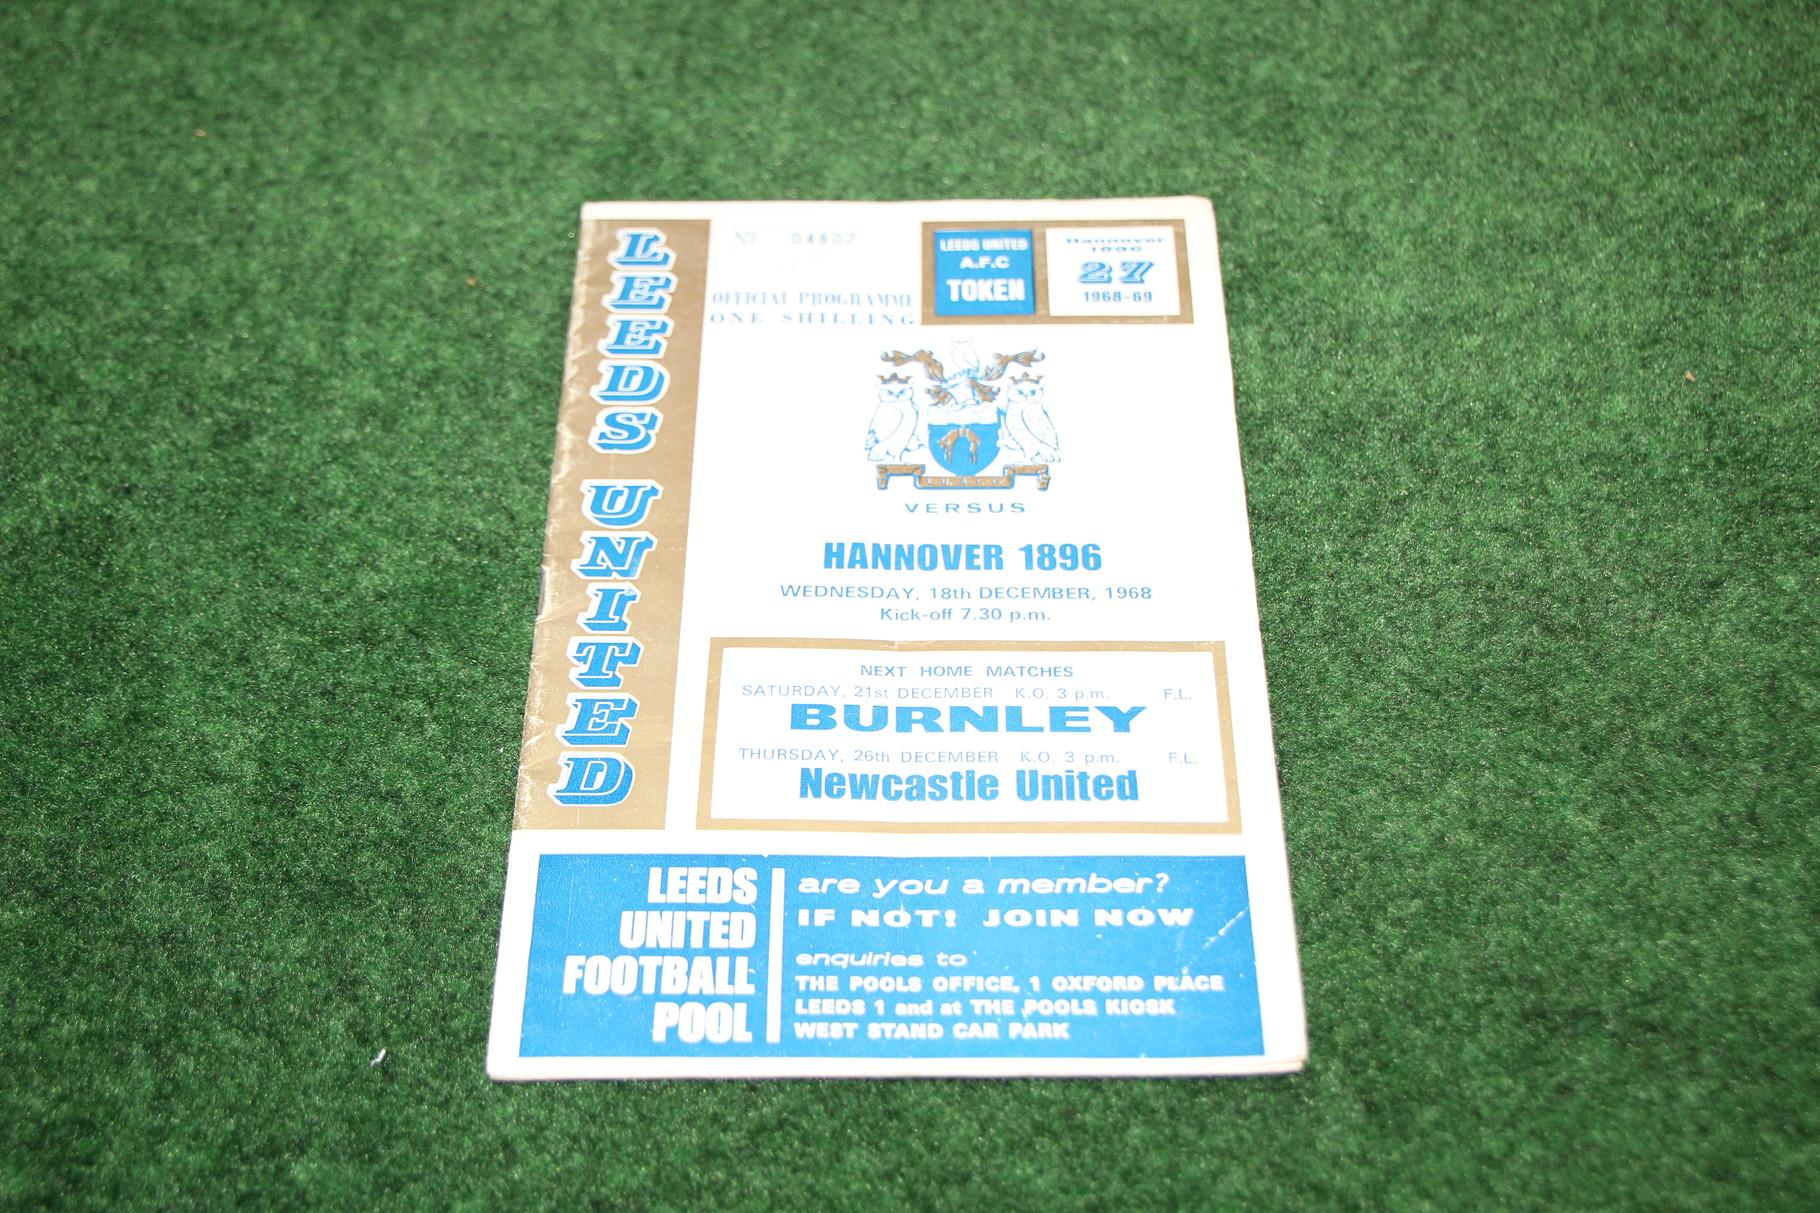 Offizielles Programm von Leeds United gegen Hannover 96.